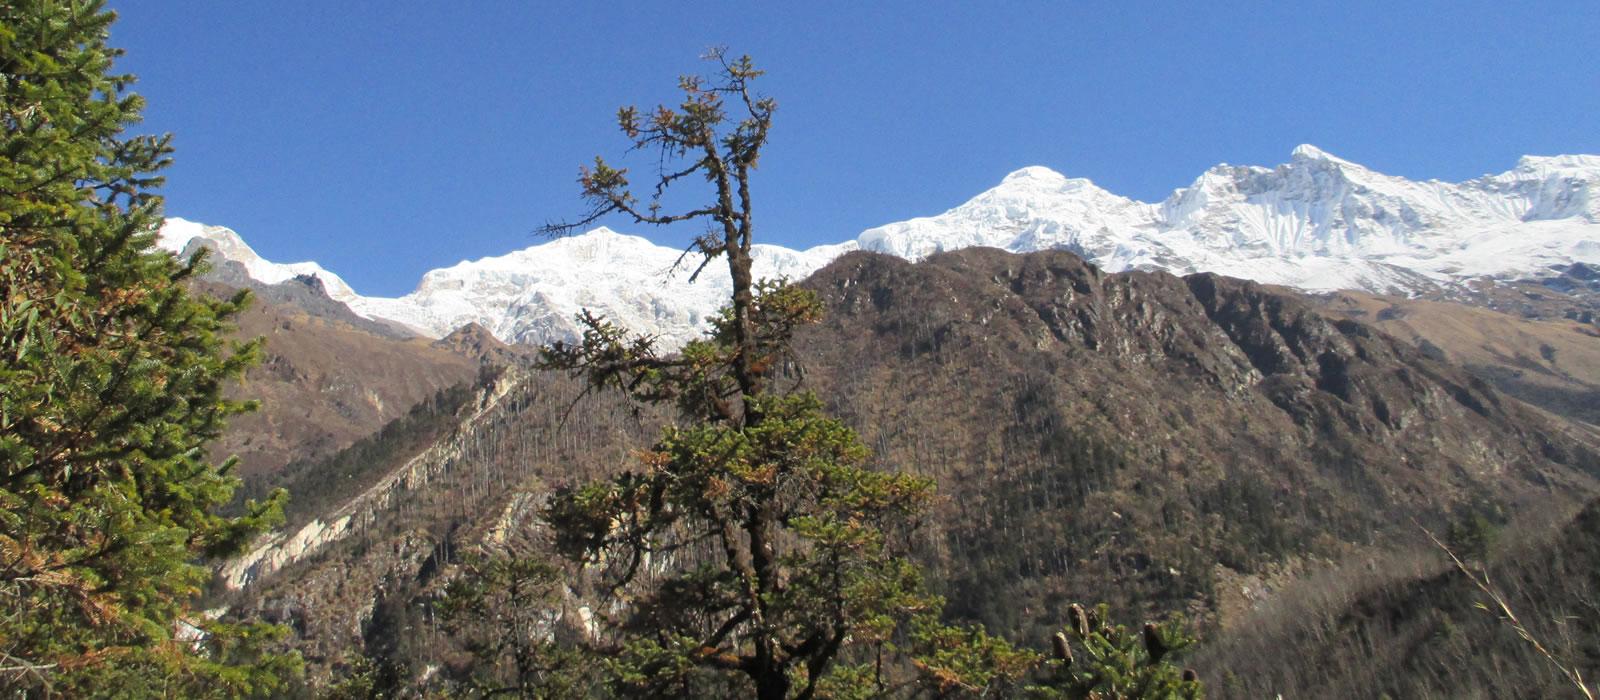 Ganesh Himal-Ruby Valley Trek